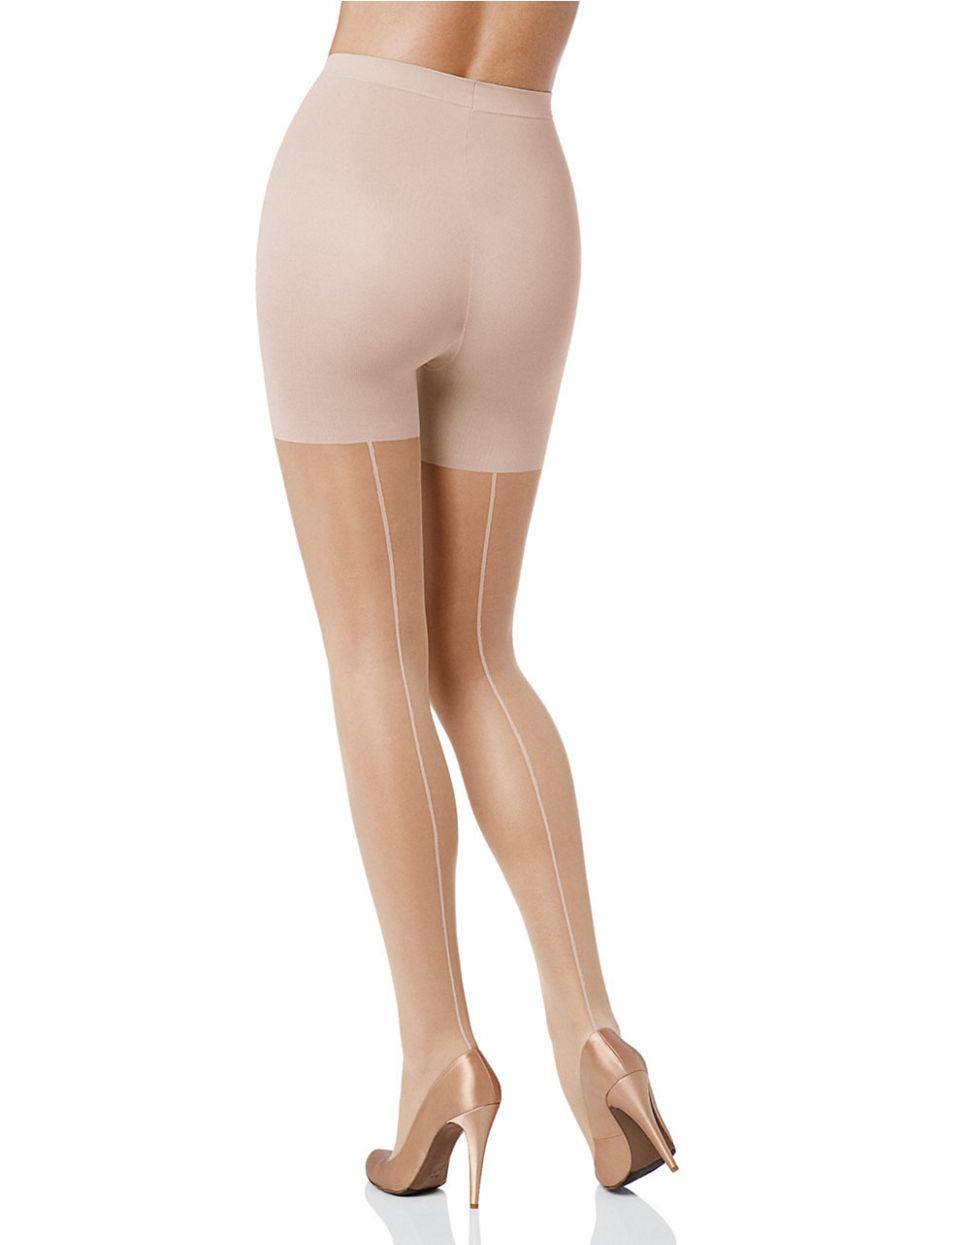 resilience pantyhose pantyhose Figure